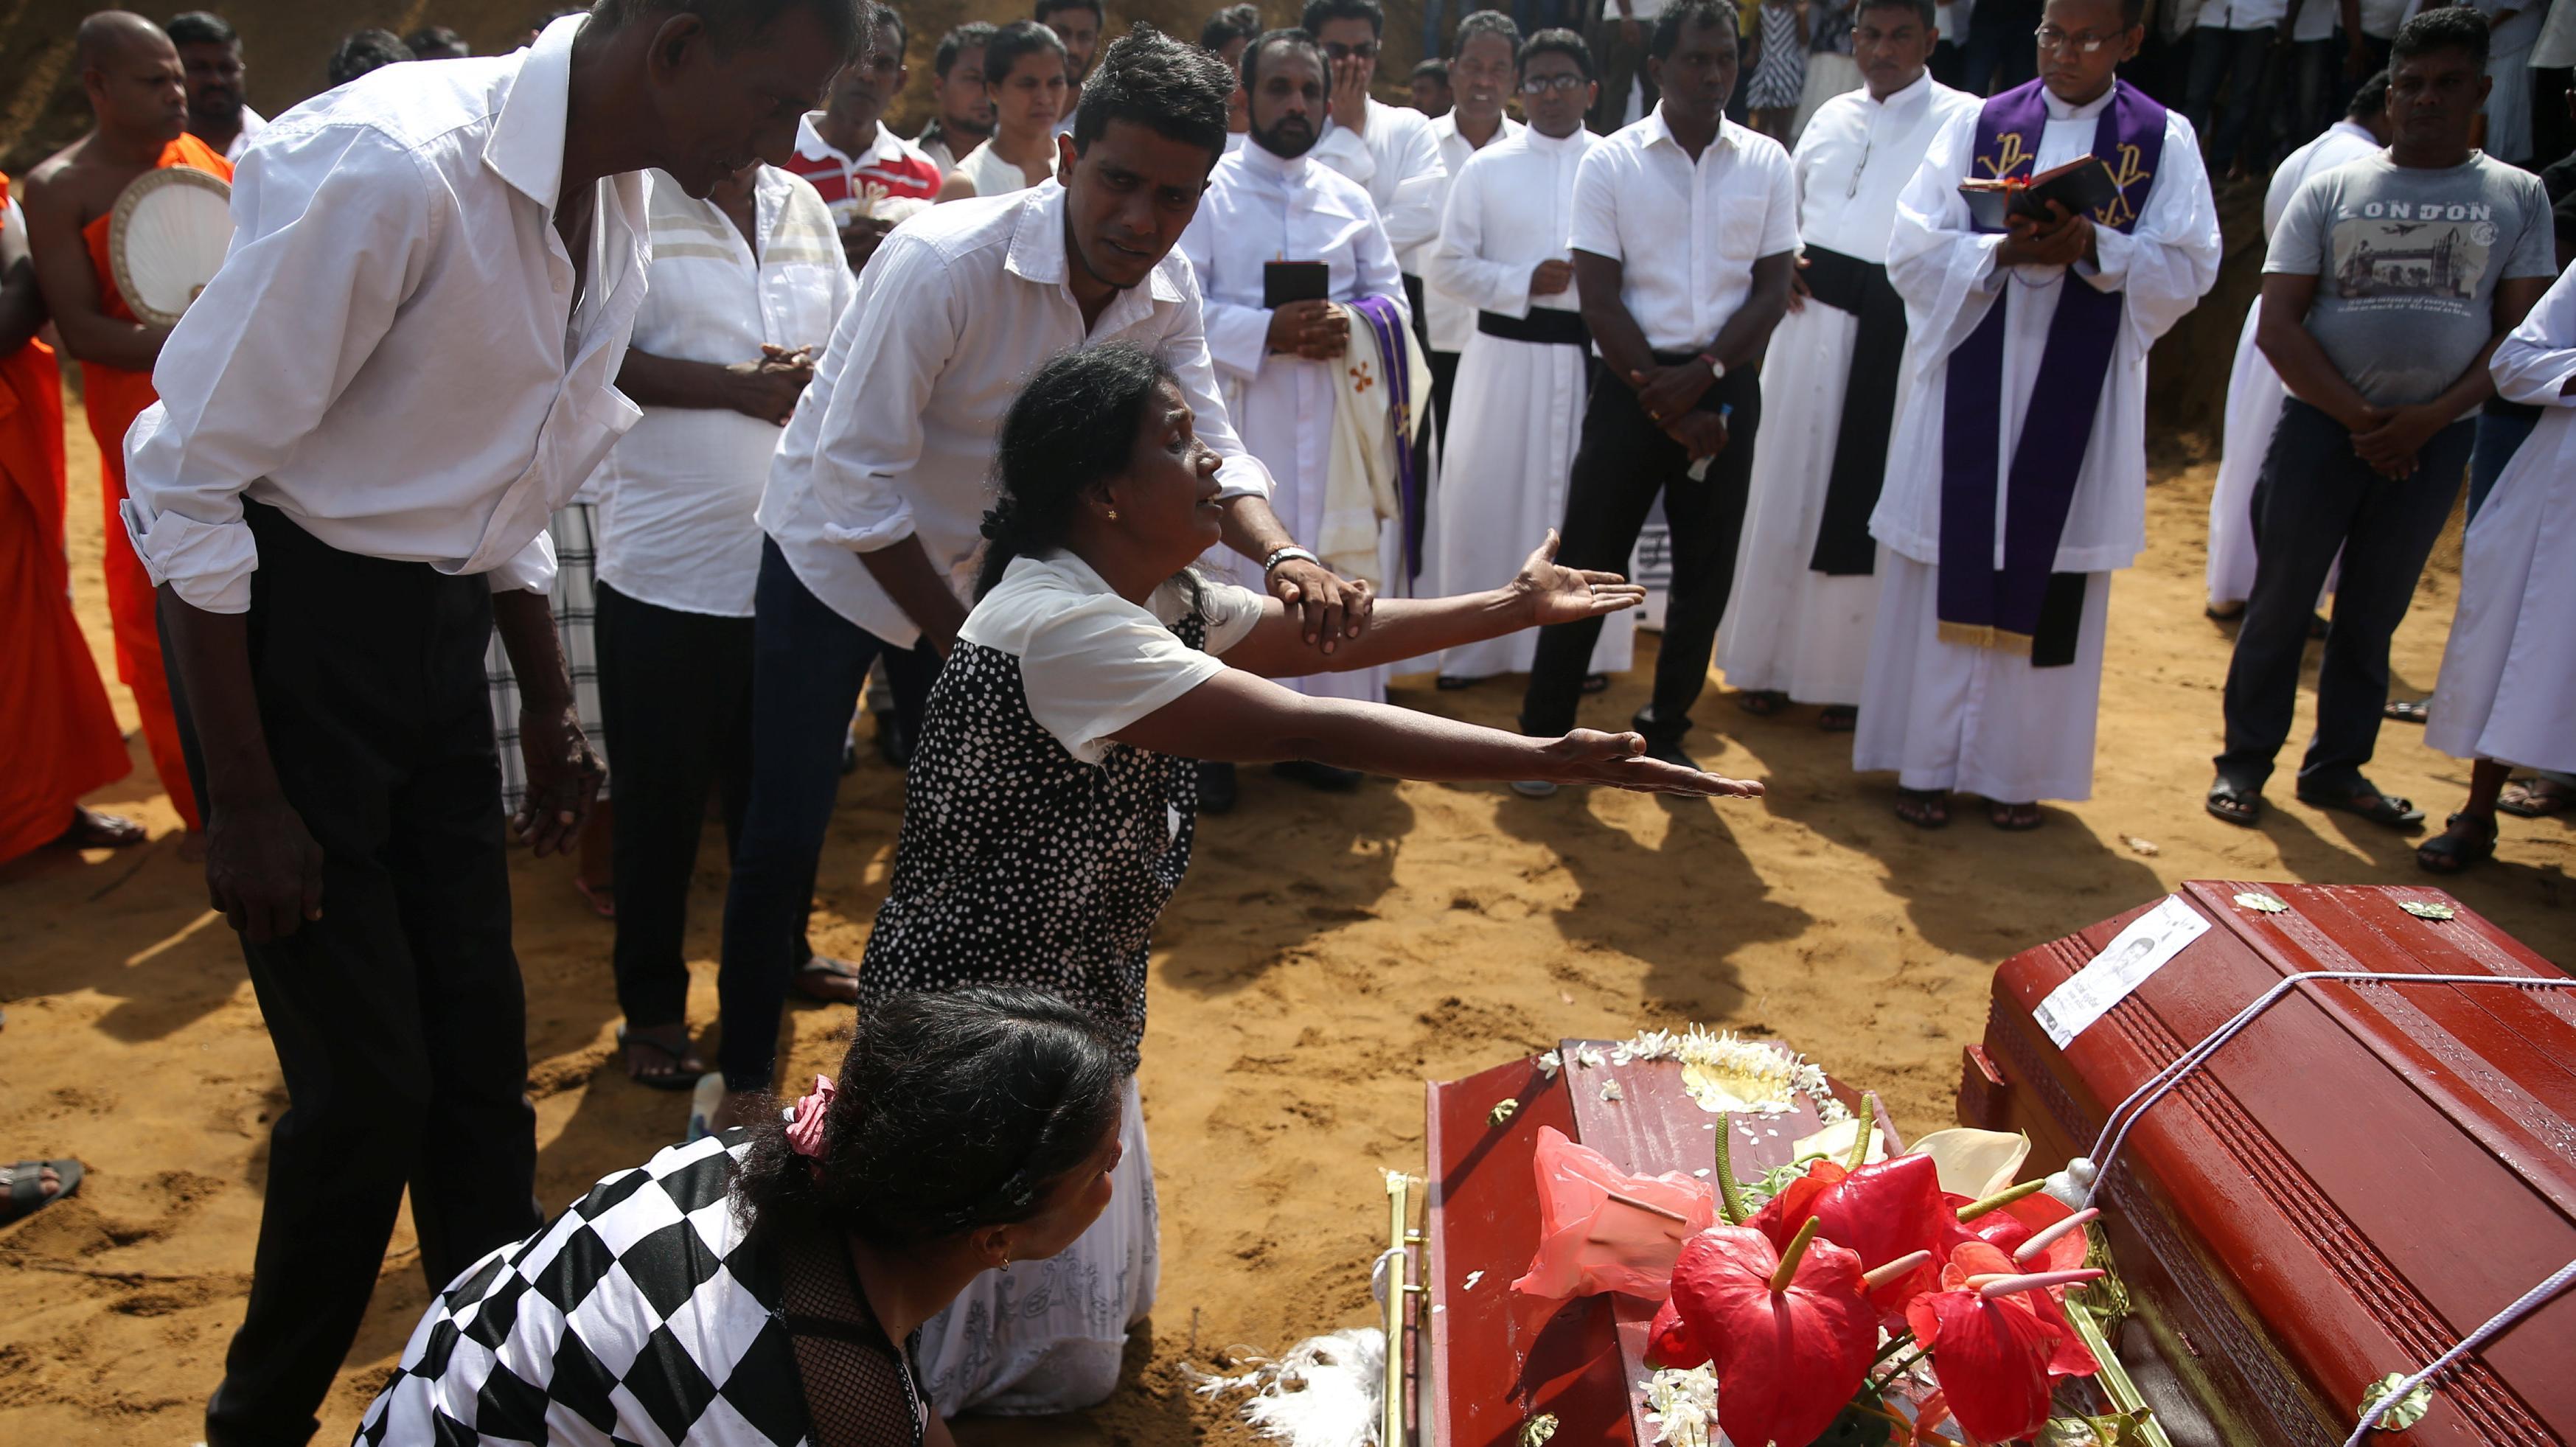 הלוויות ההרוגים בפיגועים, נגומבו, סרי לנקה, 23 באפריל 2019